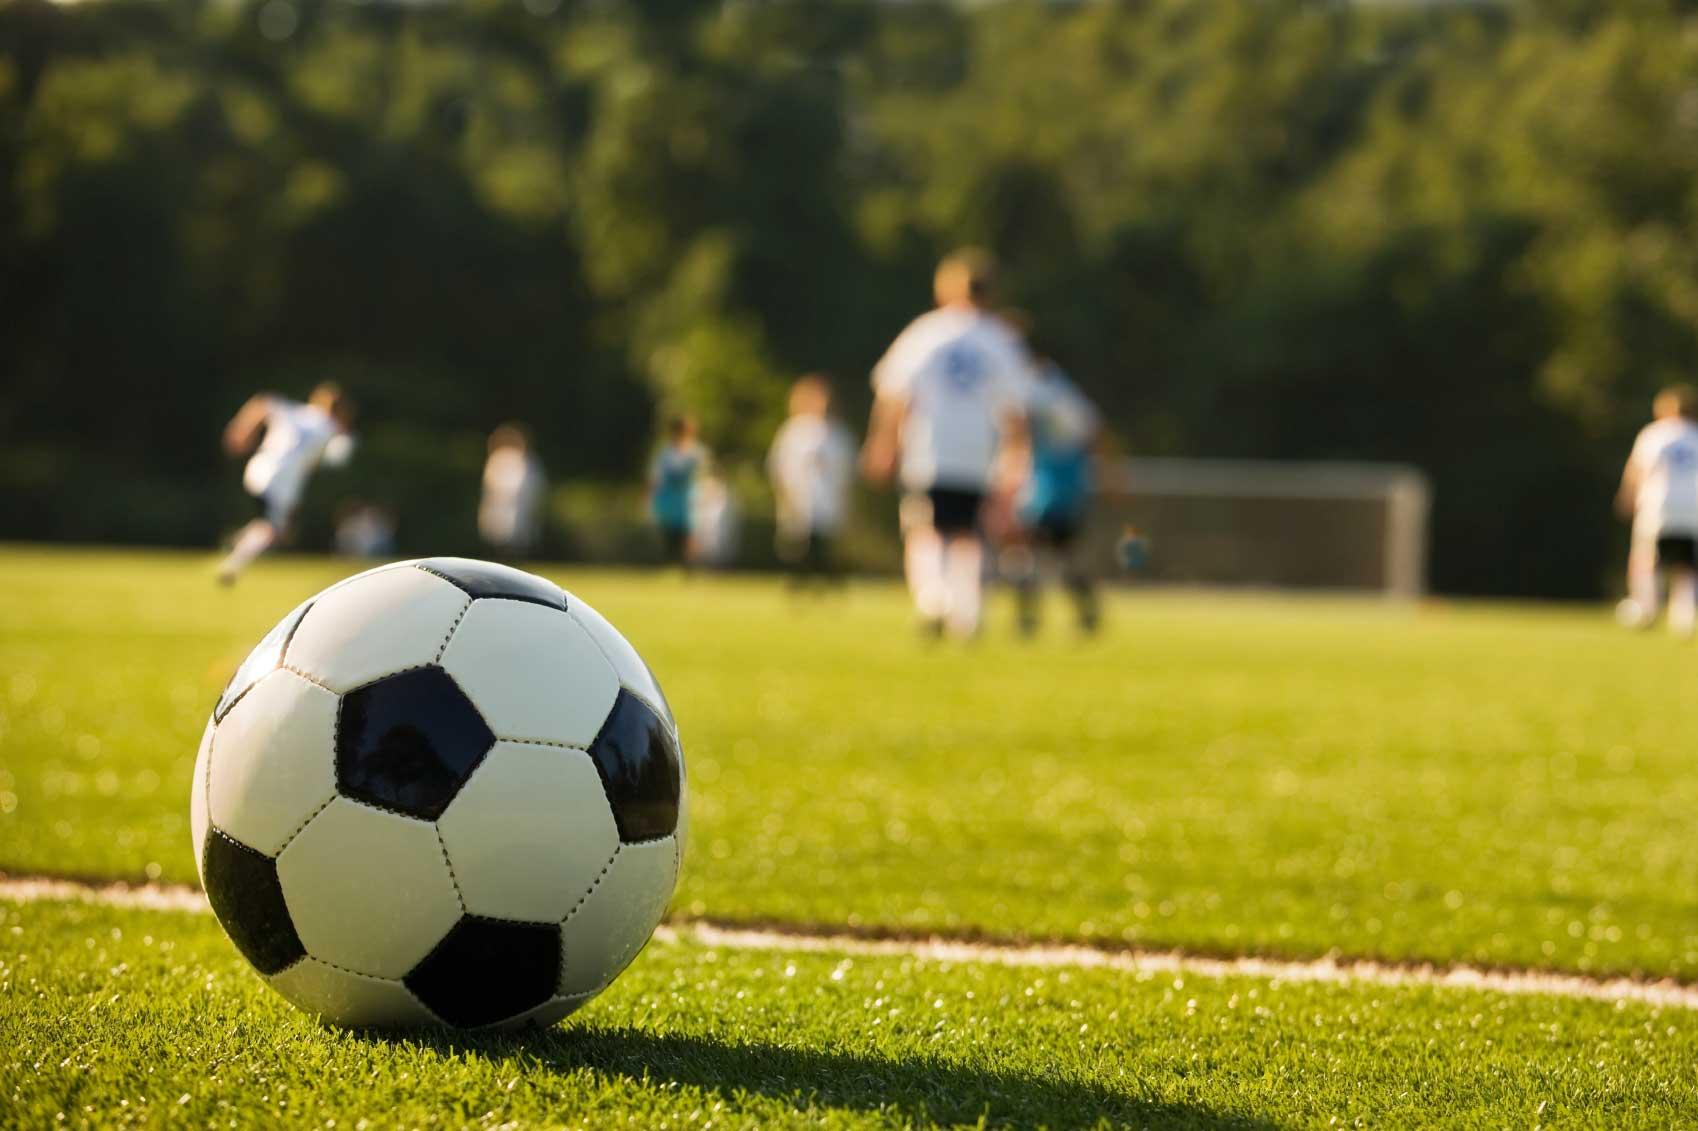 футбол подборка картинка выпуске комфортной